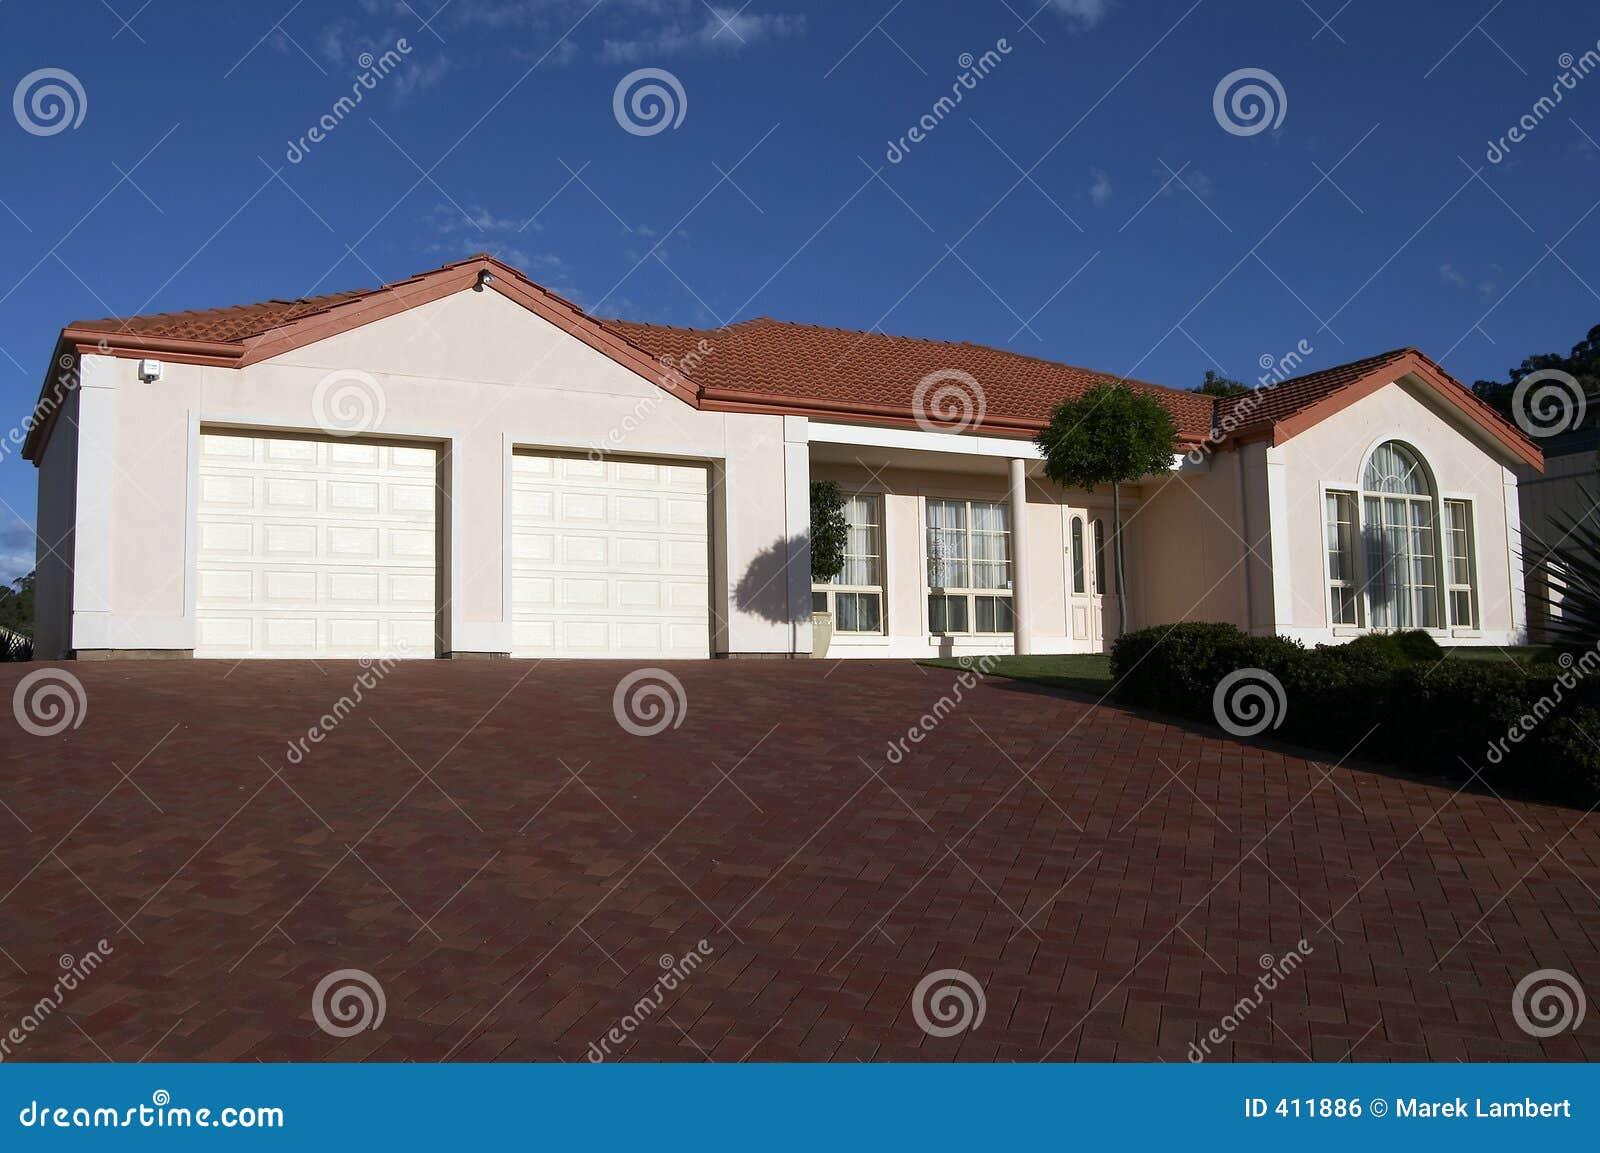 Cuidadosamente actual casa de una sola planta imagen de archivo libre de regal as imagen 411886 - Casas de una sola planta ...